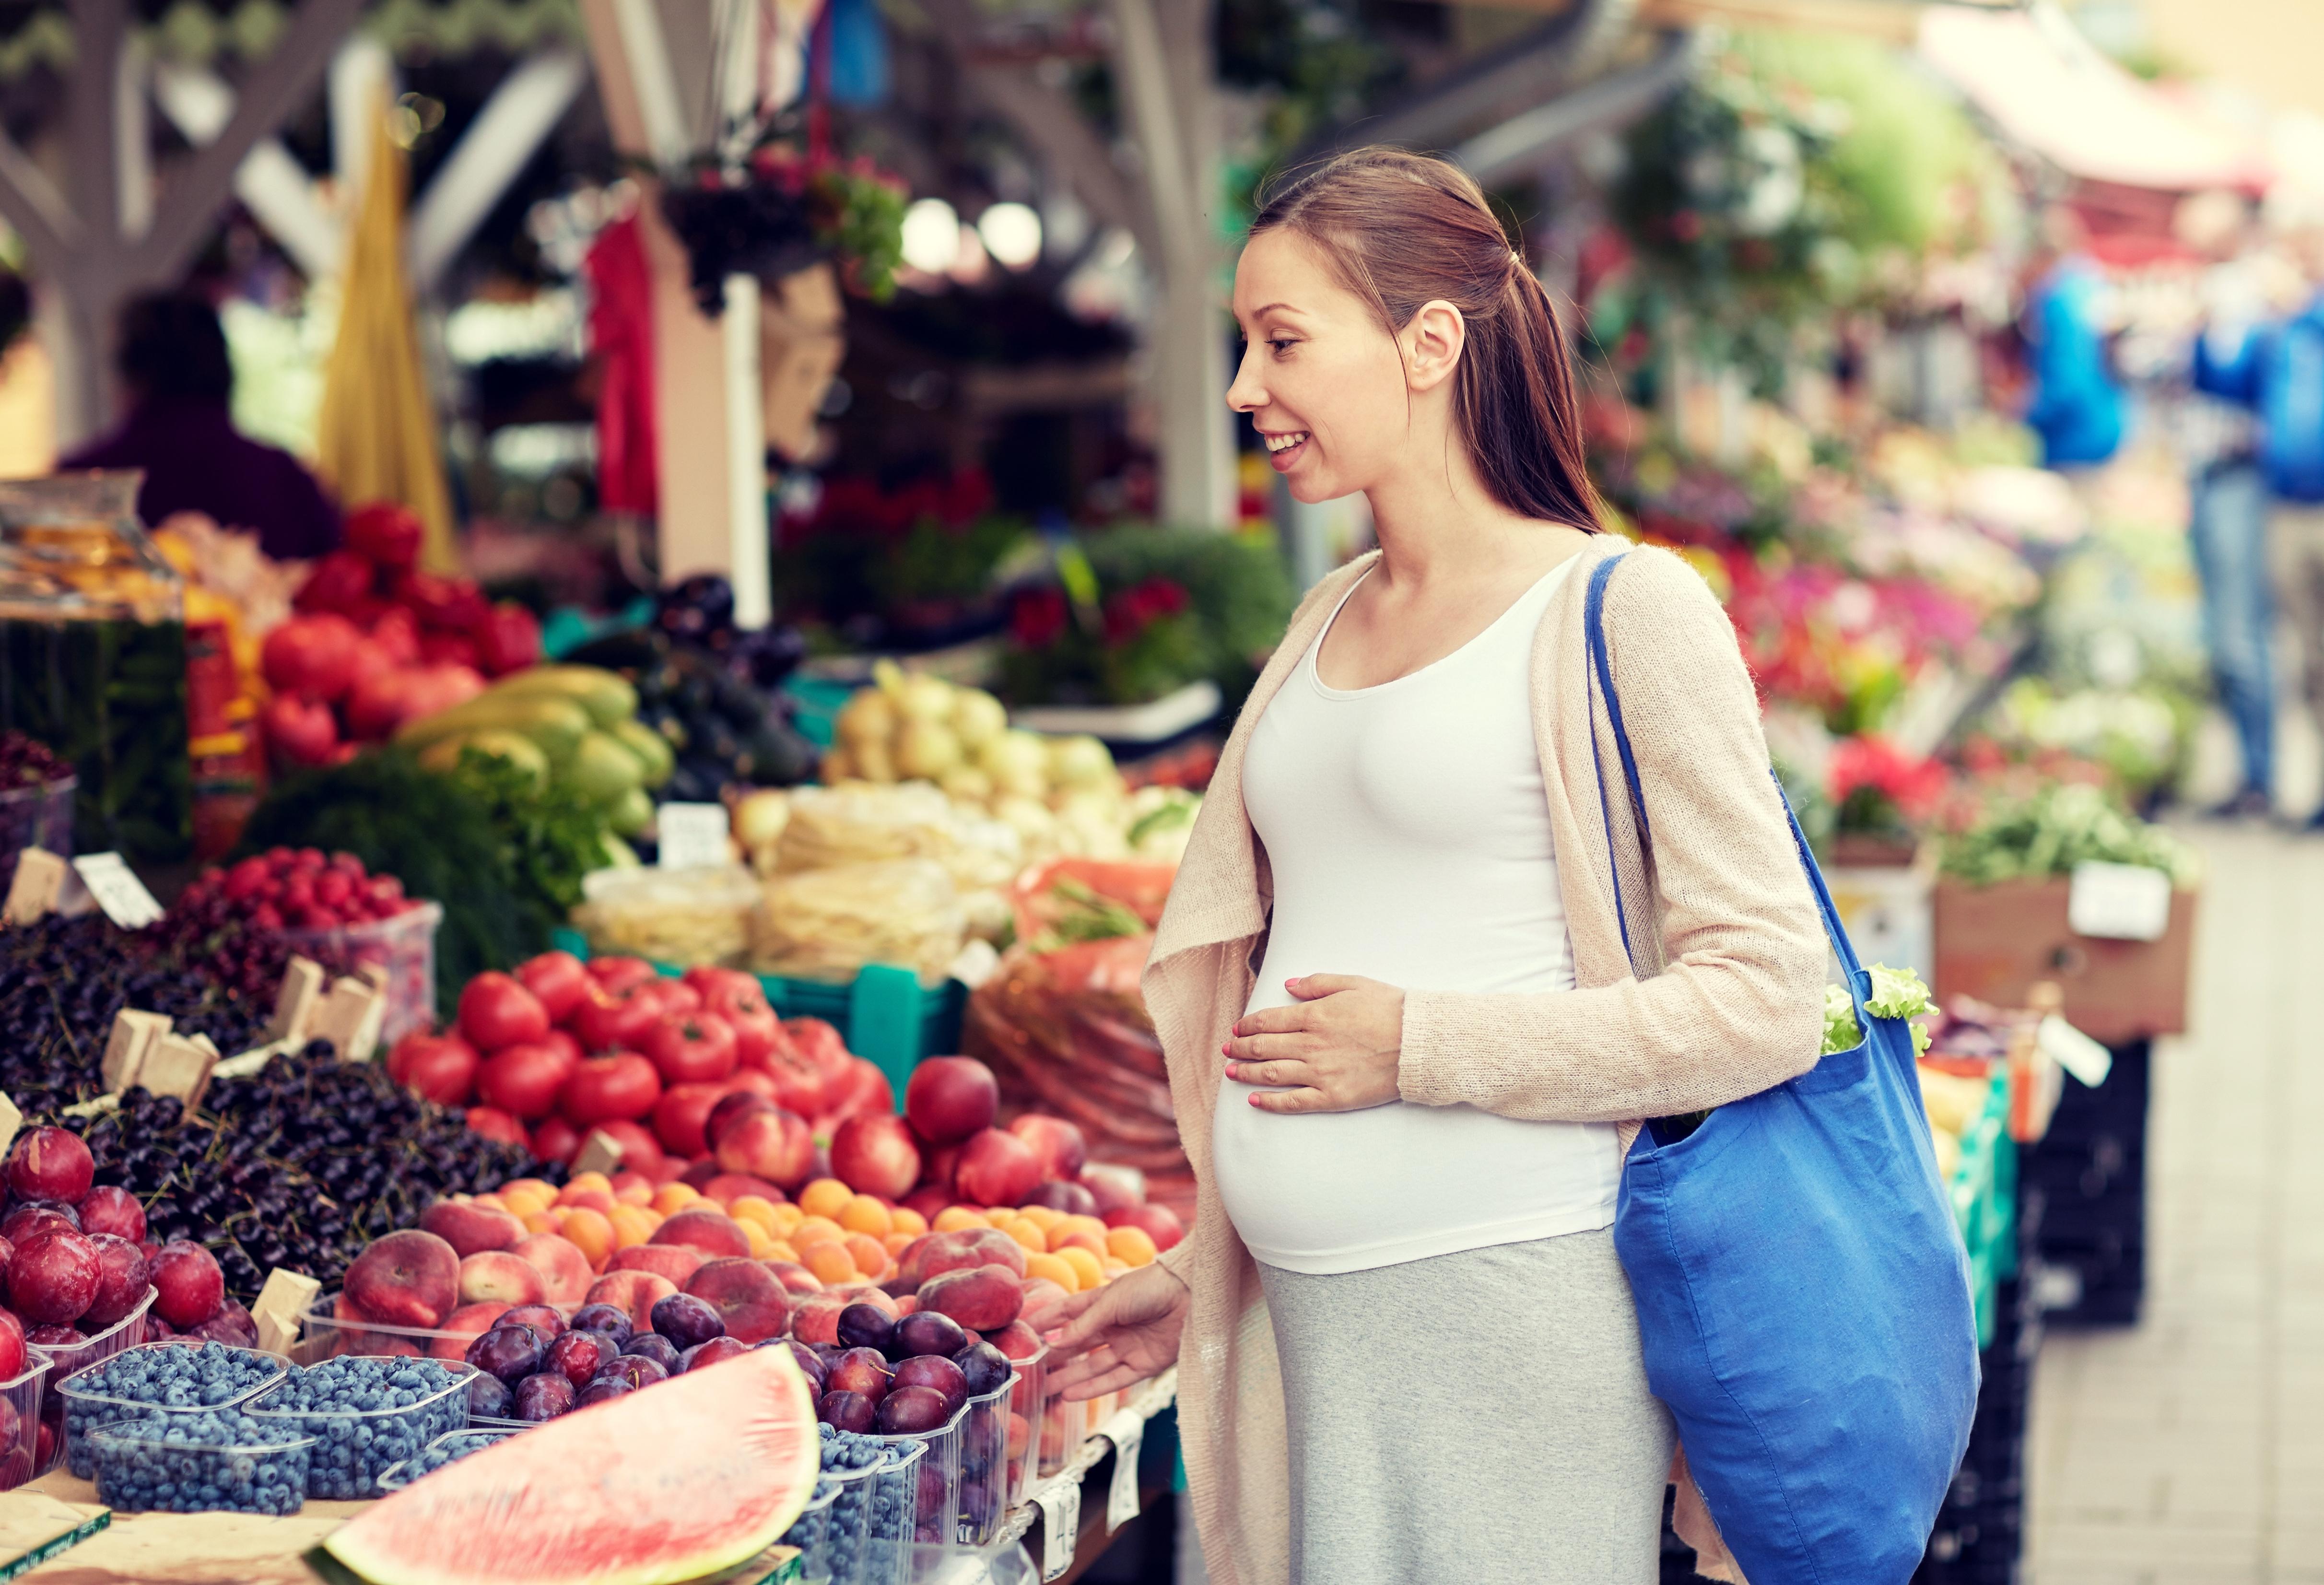 Mujer embarazada comprando fruta y verdura